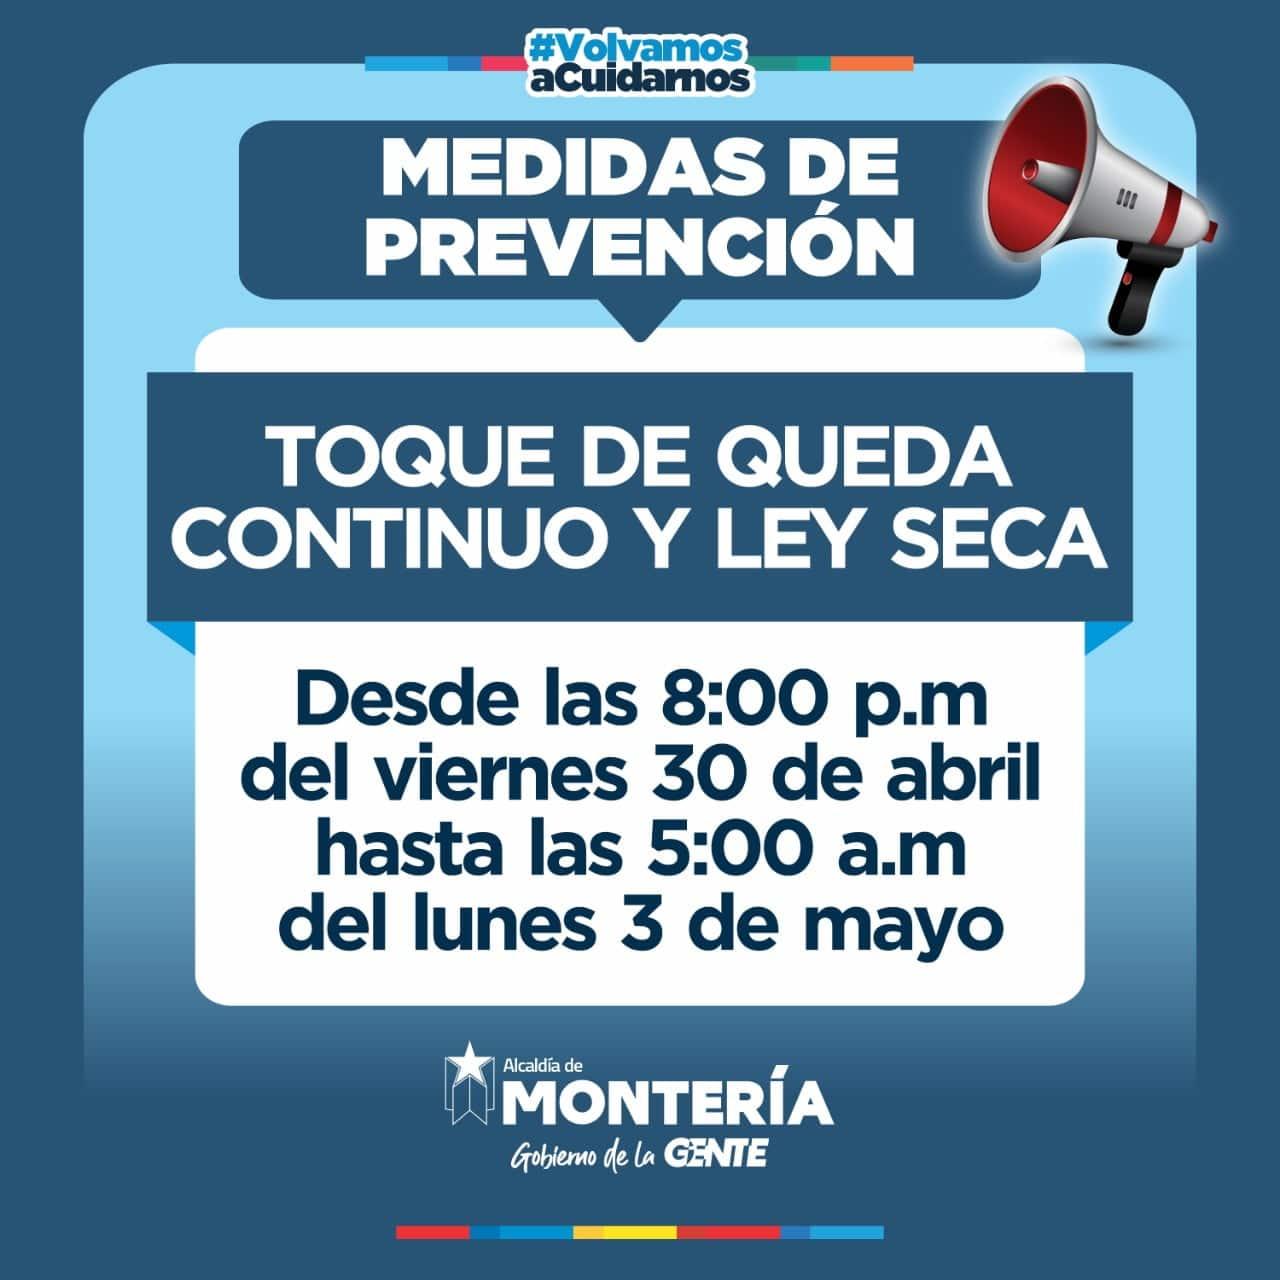 toque de queda y ley seca continuo en Montería